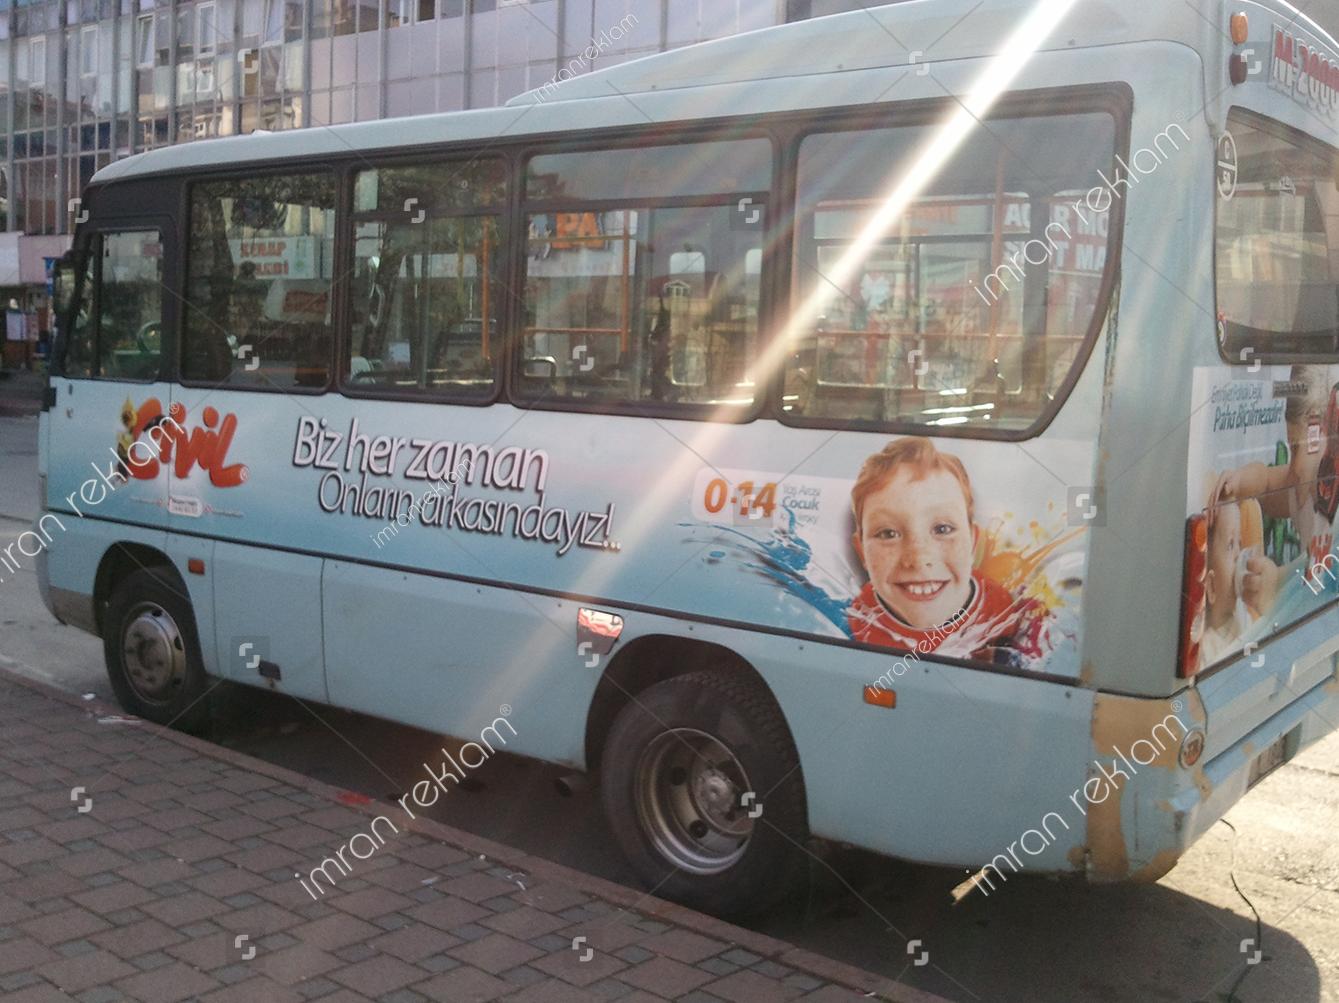 minibus-reklam-kaplama-giydirme